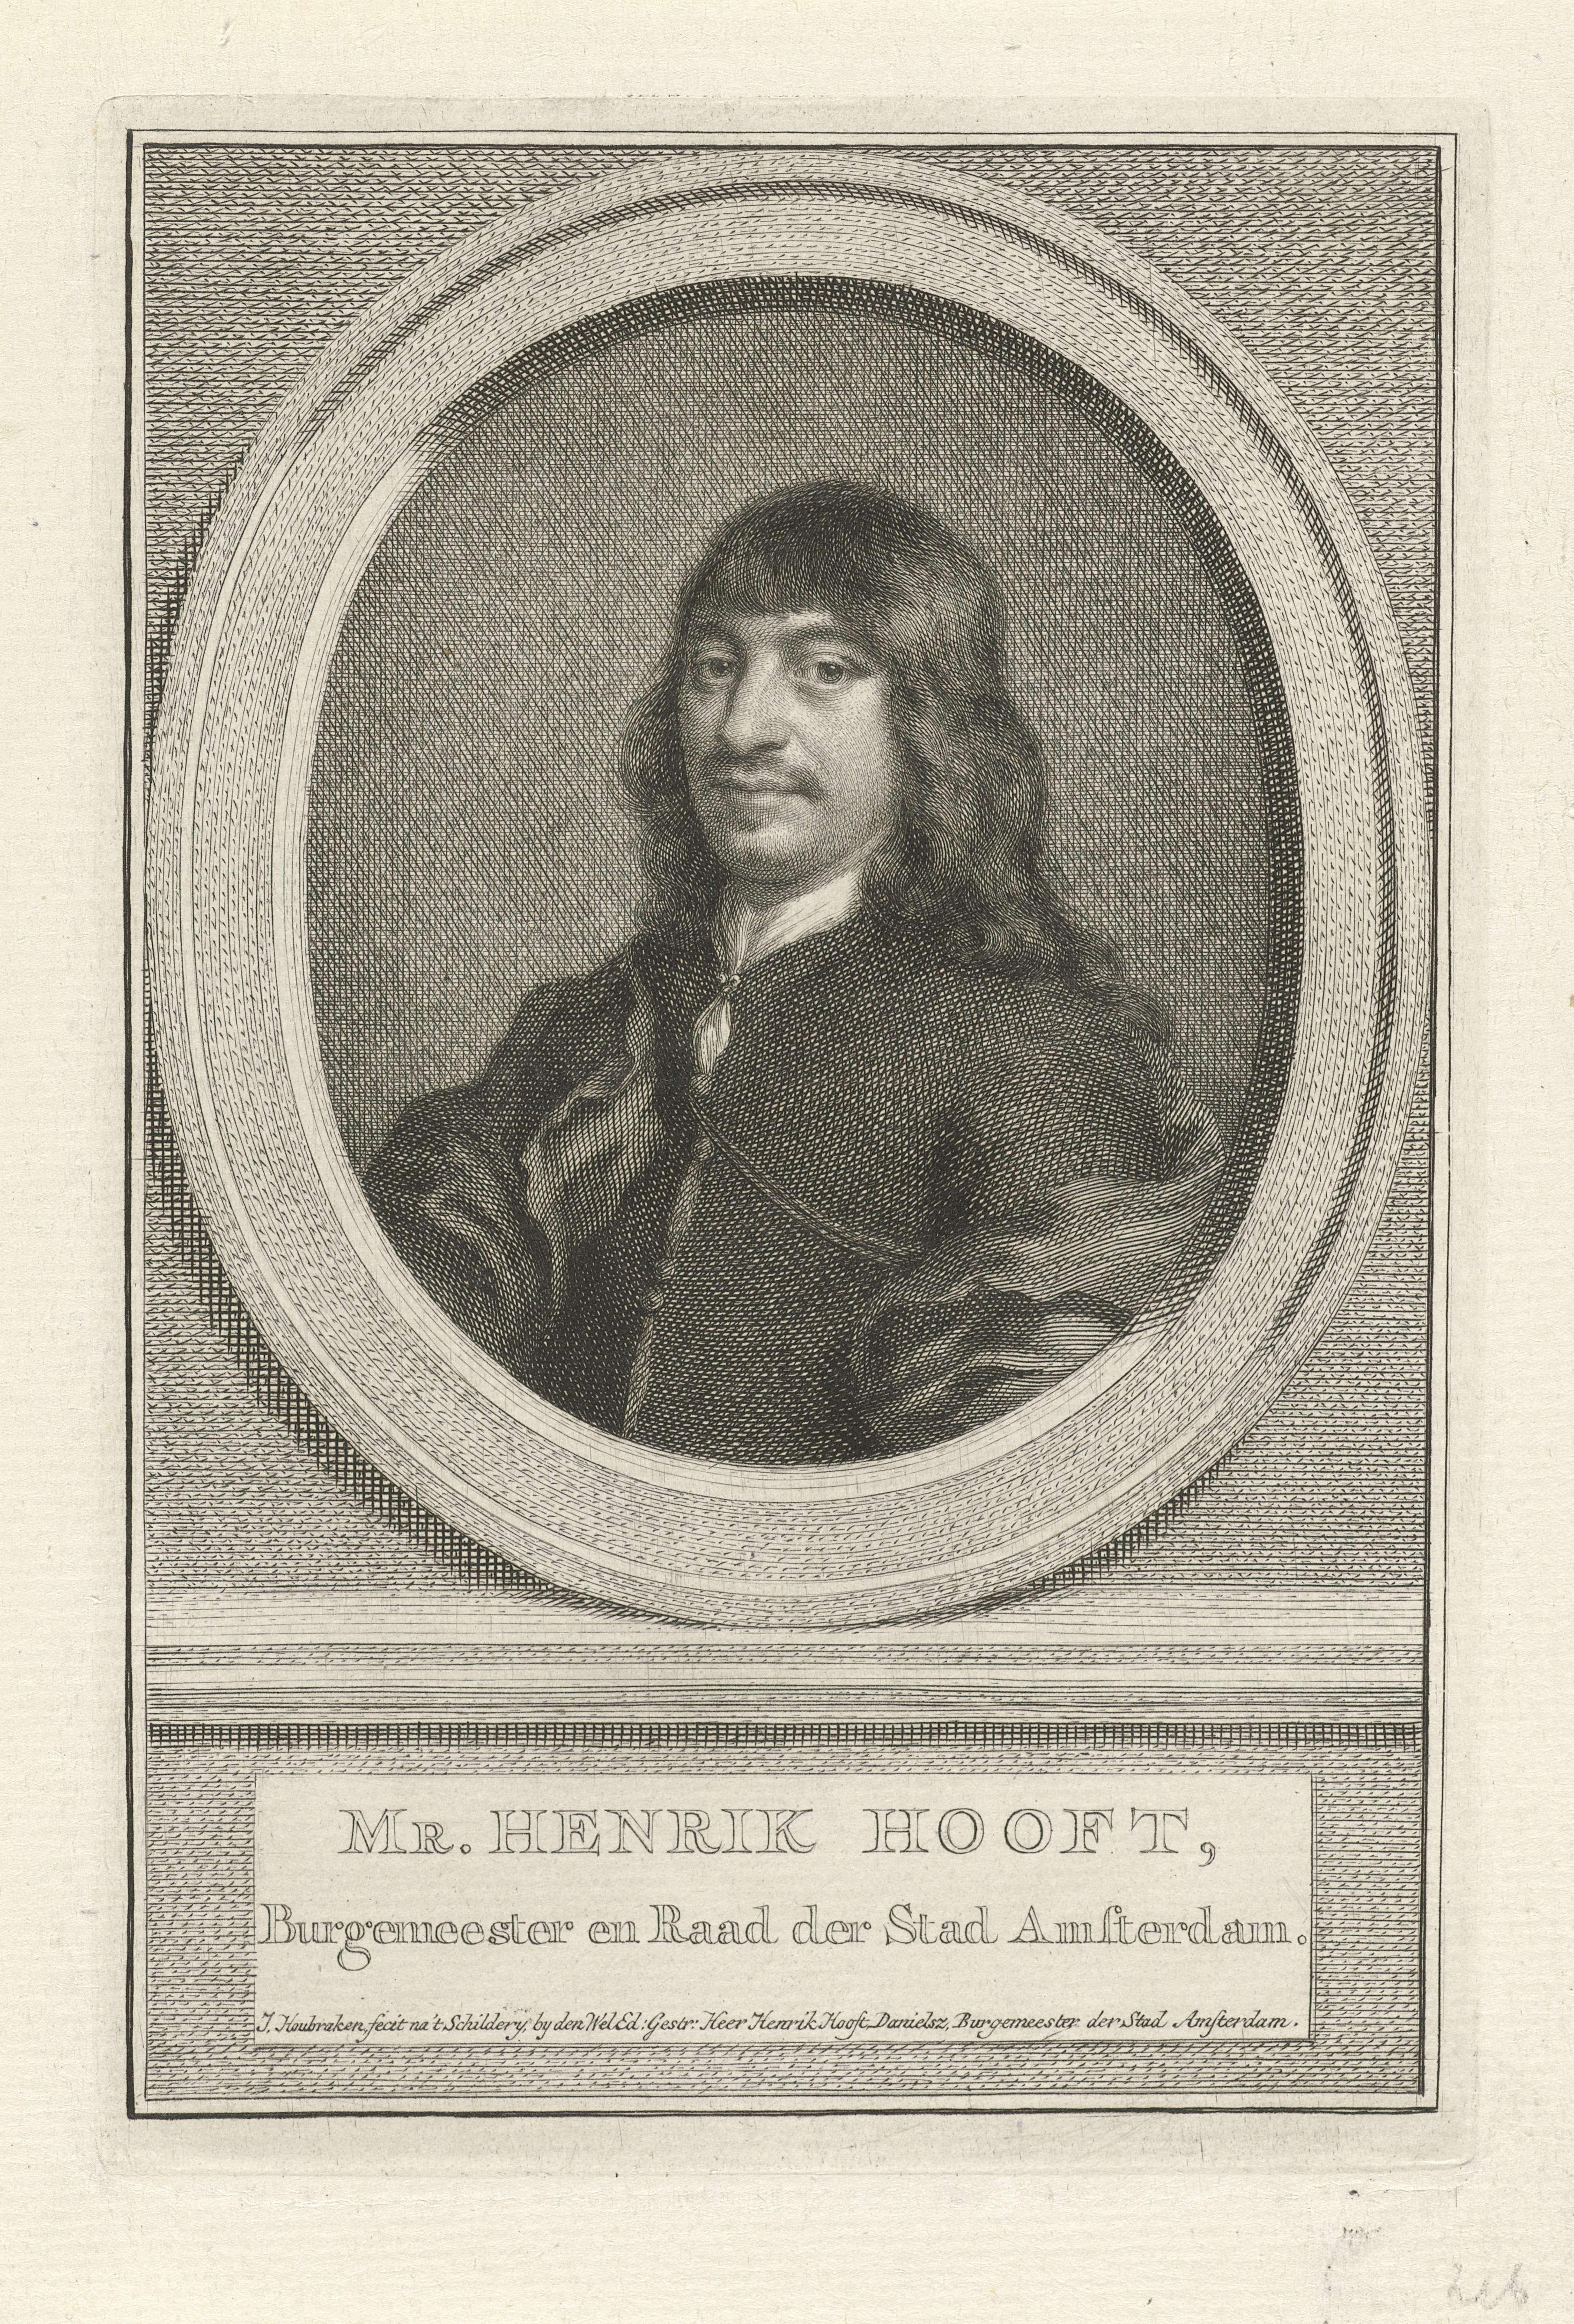 Jacob Houbraken | Portret van Henrick Hooft, Jacob Houbraken, 1749 - 1759 | Buste naar links van Henrick Hooft in een ovaal. Het portret rust op een plint waarop zijn naam en gegevens in twee regels in het Nederlands.